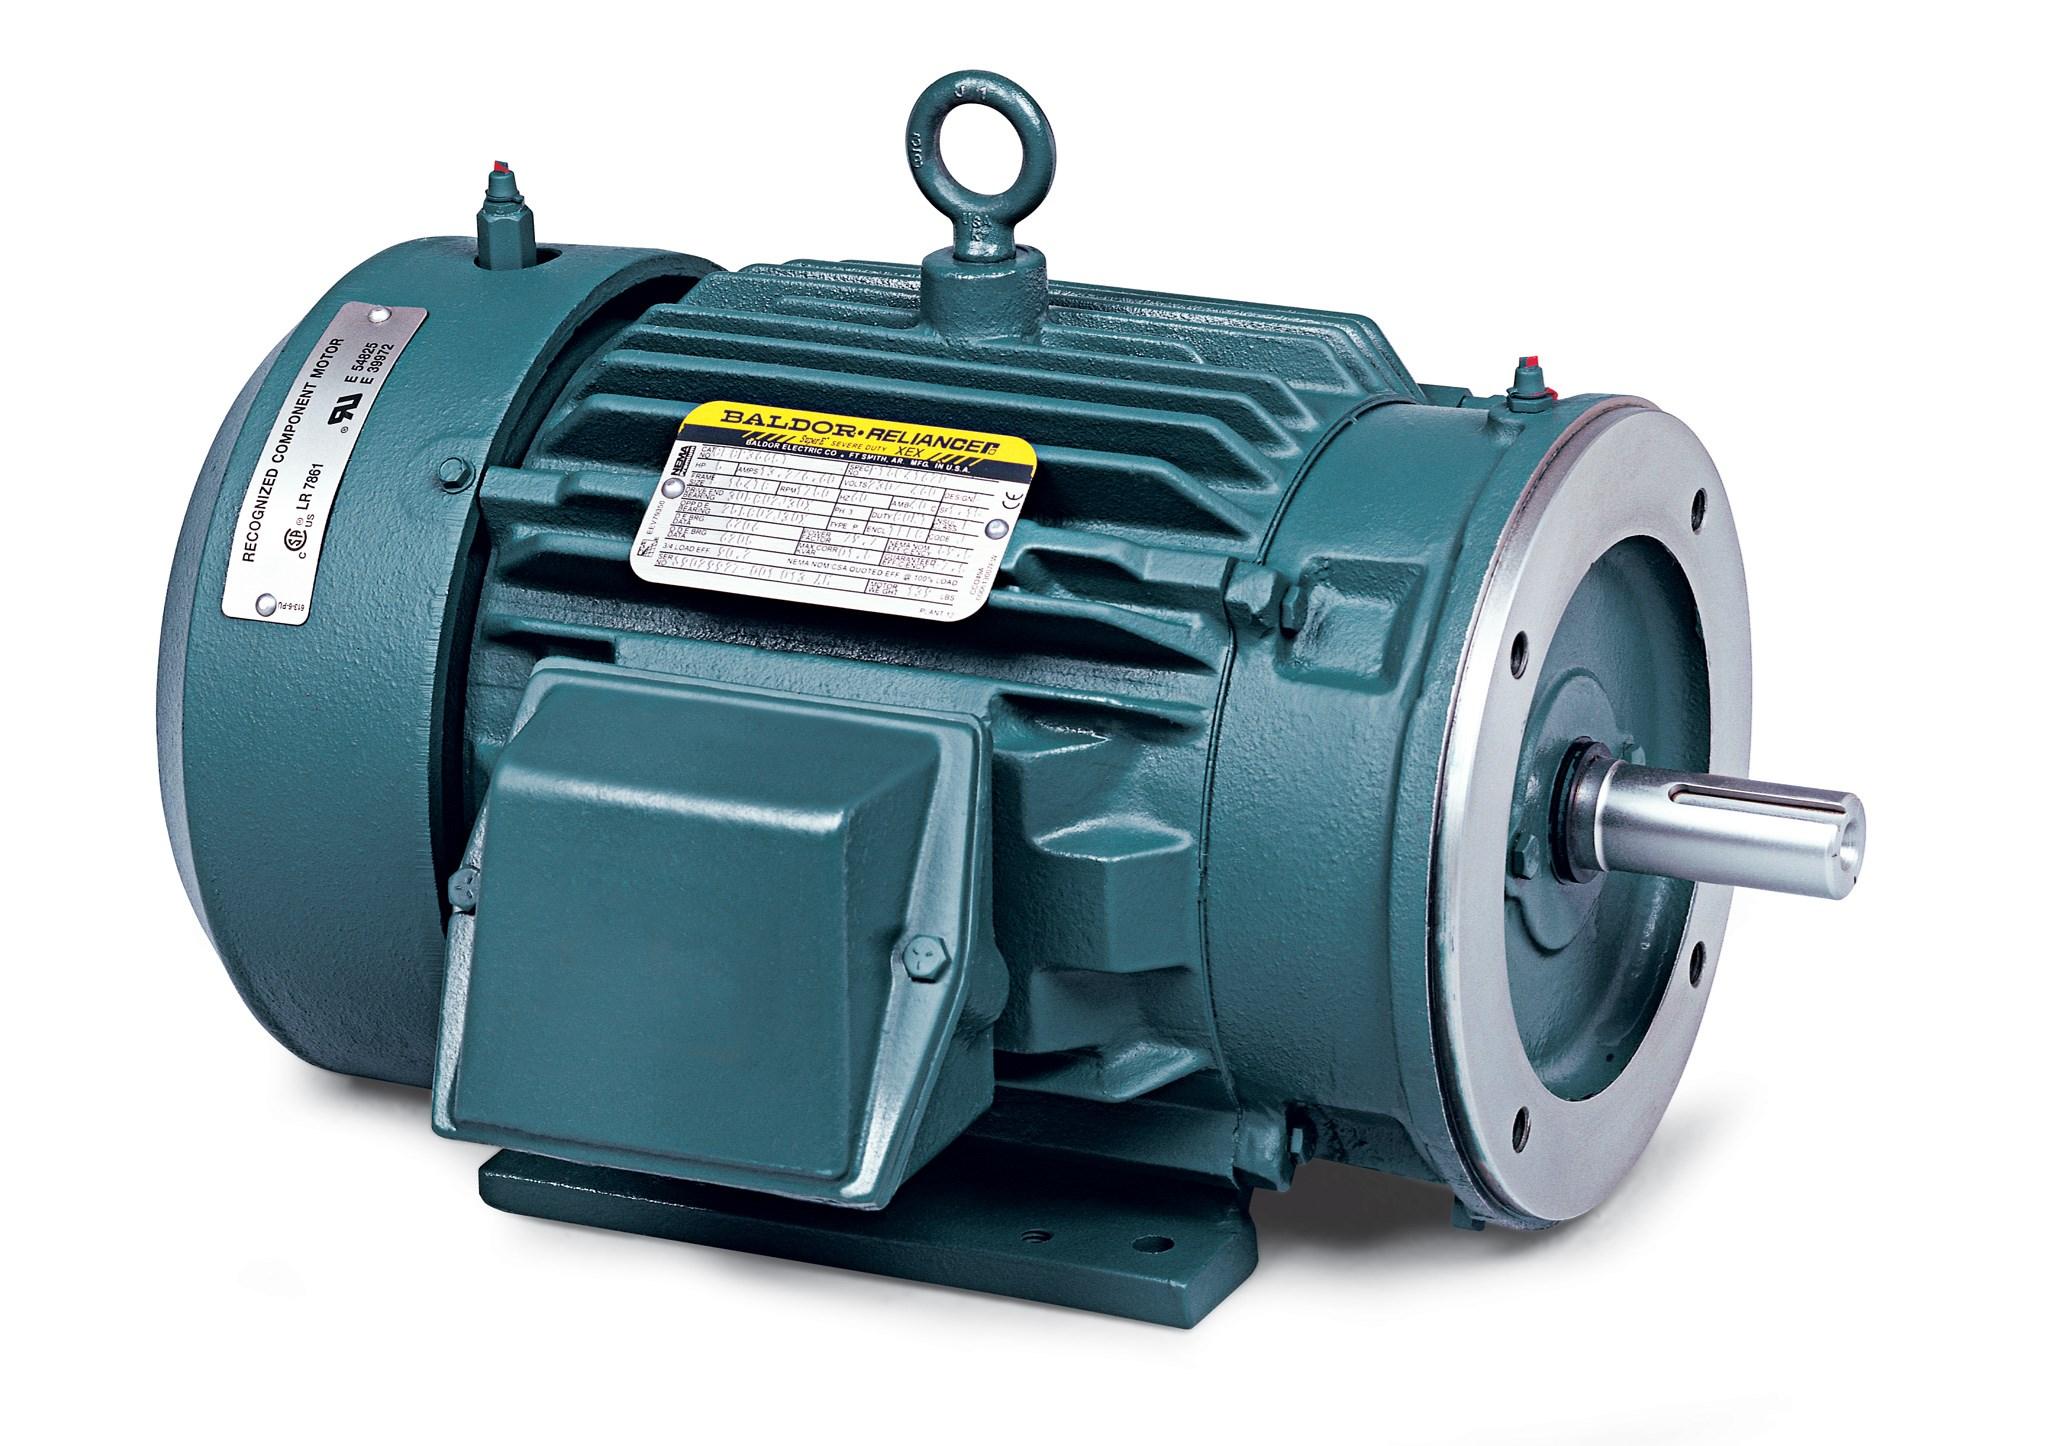 3510 Baldor Single Phase Motor Wiring Diagram - Library Of Wiring ...